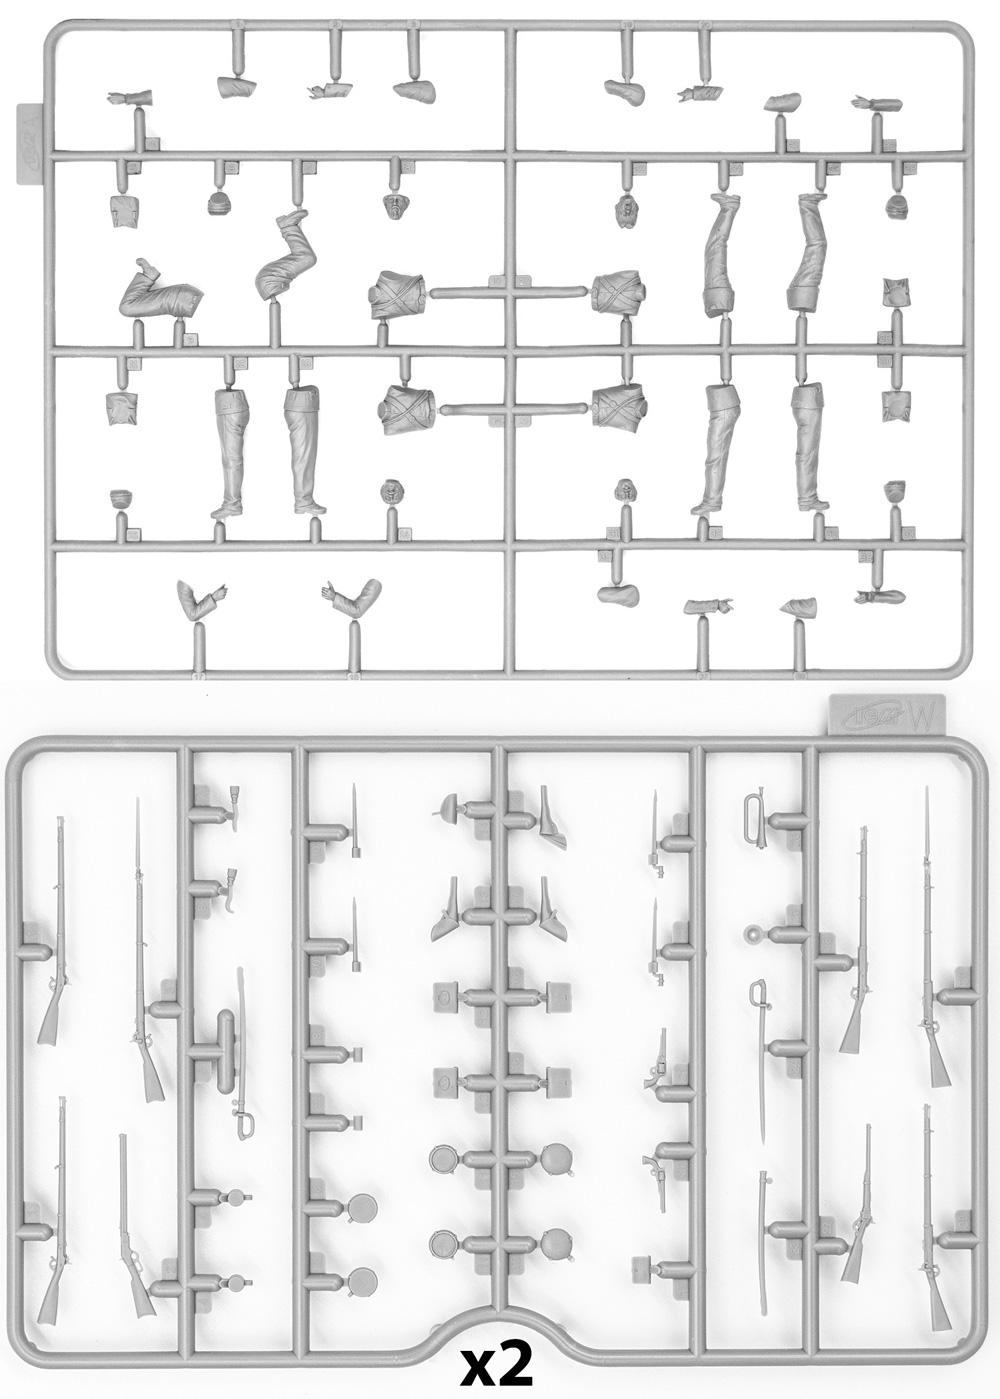 アメリカ 南北戦争 北軍歩兵プラモデル(ICM1/35 ミリタリービークル・フィギュアNo.35020)商品画像_1